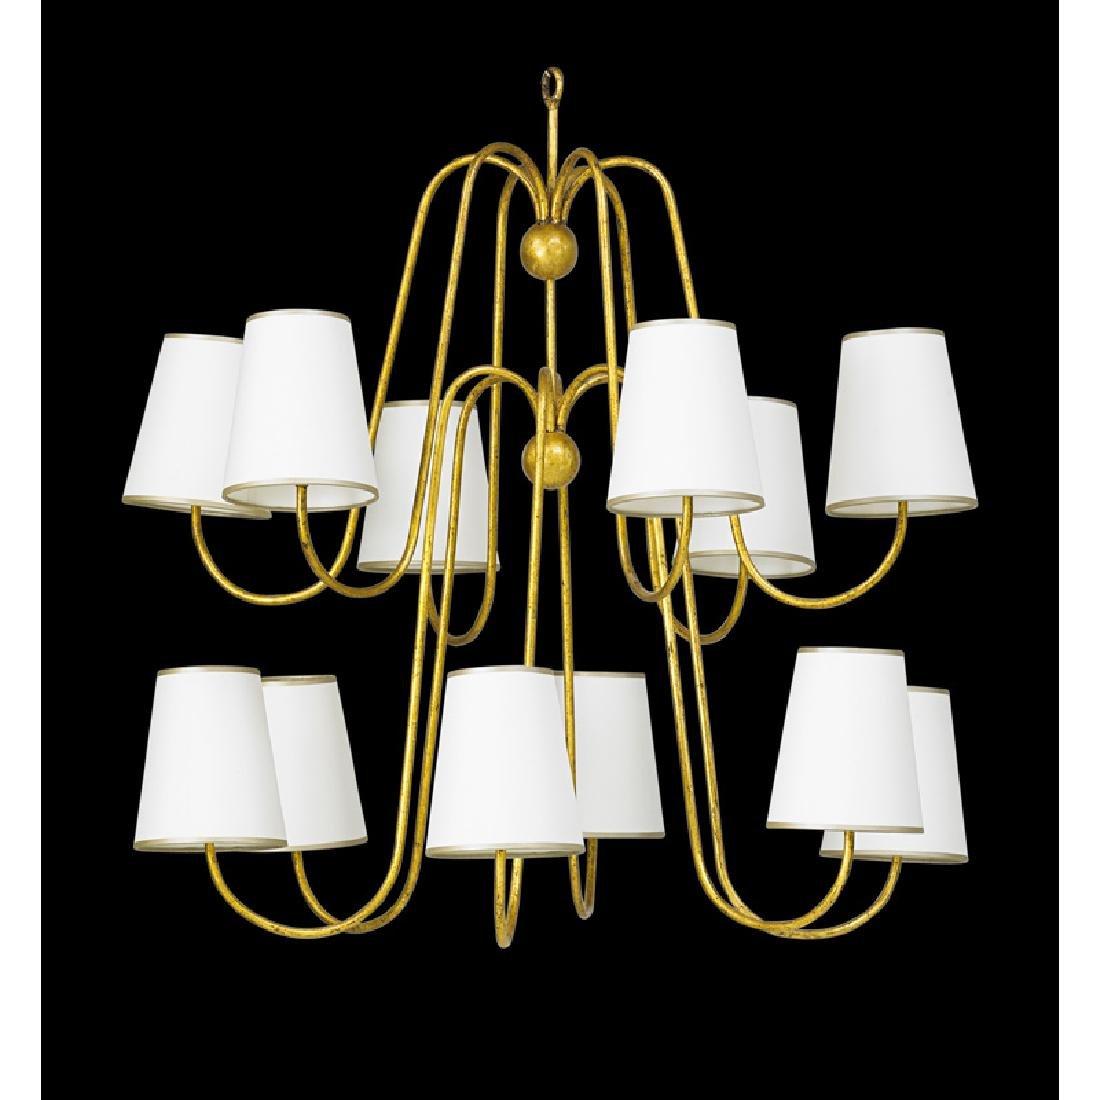 JEAN ROYERE Twelve-arm chandelier